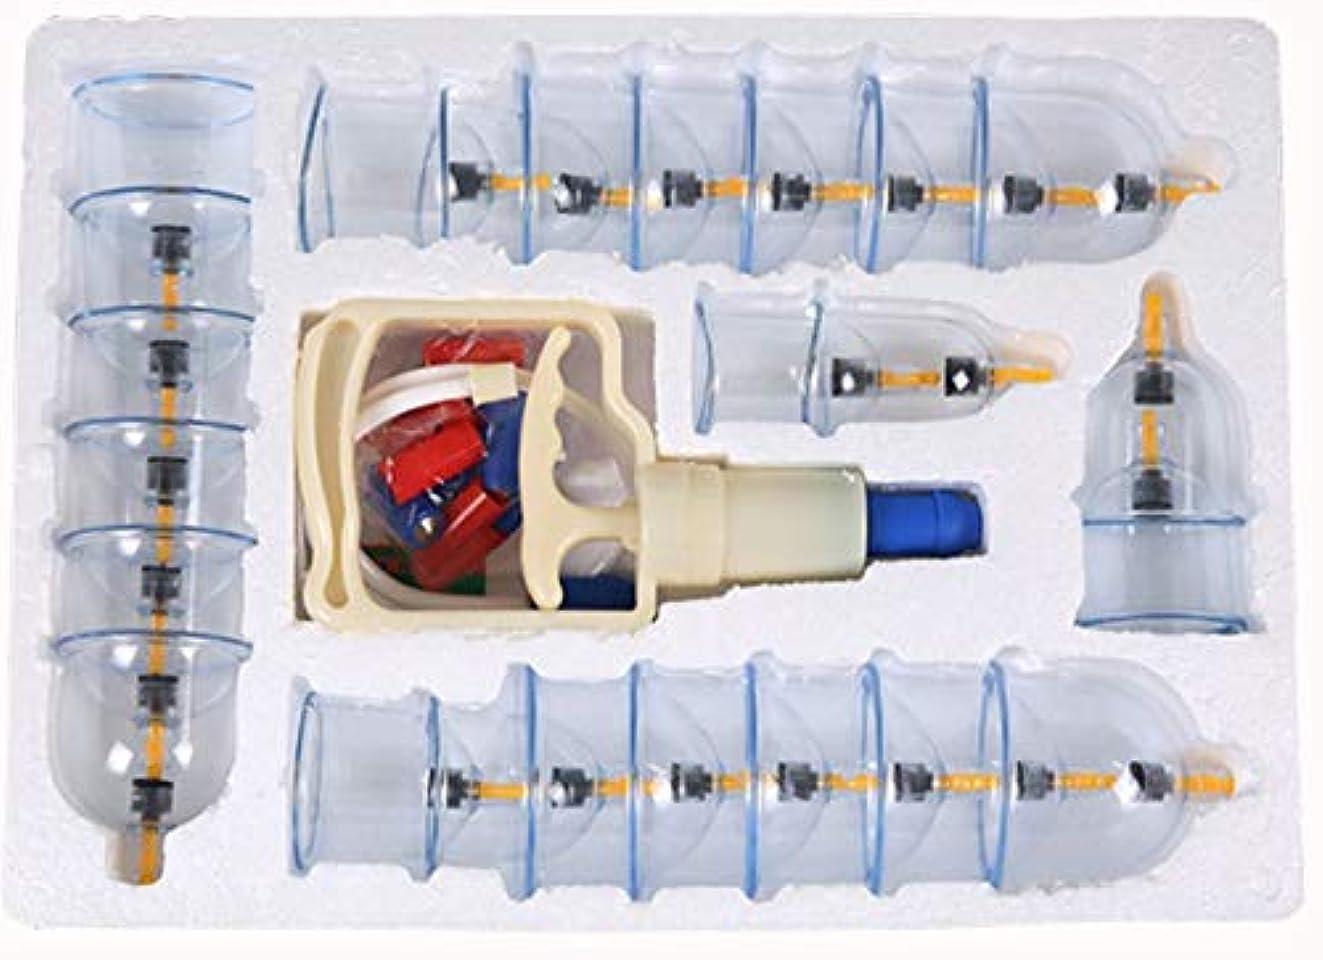 エントリ平野品種(ラフマトーン) カッピング 吸い玉 大きいカップが多い 吸い玉 5種 24個セット 磁針 12個 関節用カップ付 脂肪吸引 自宅エステ